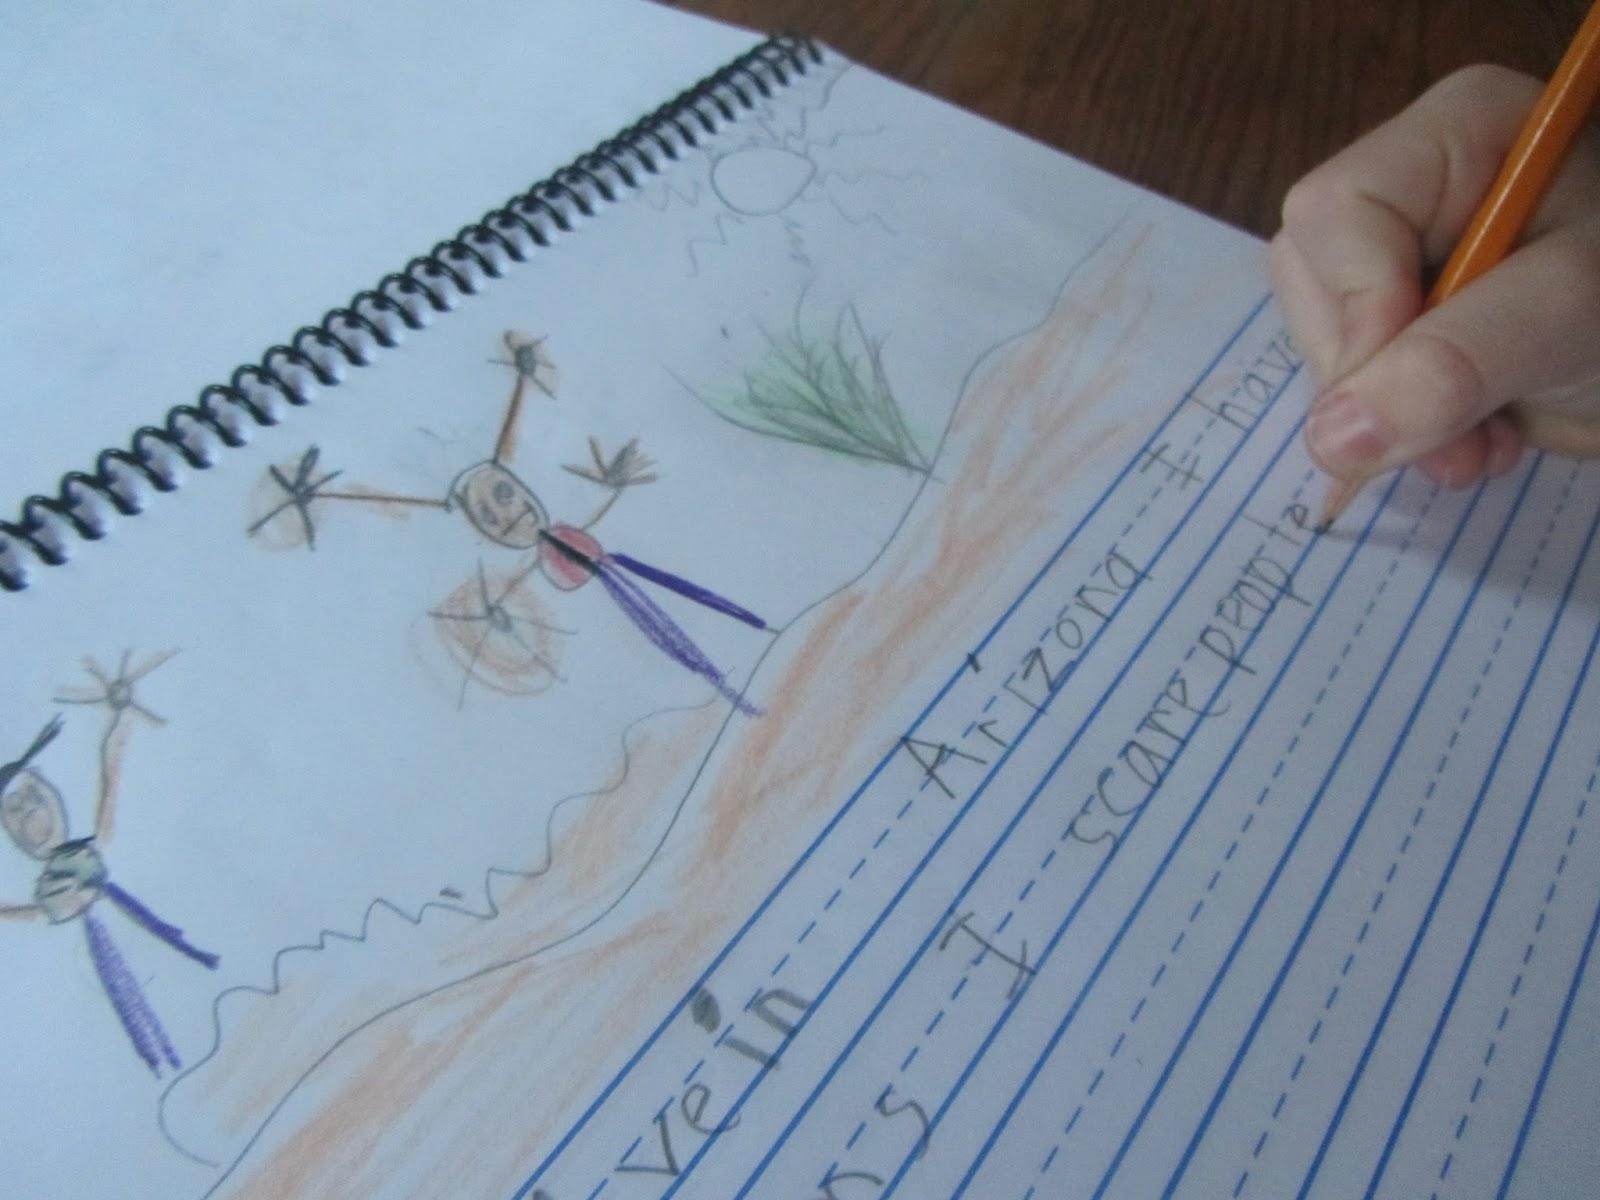 5 Fun Creative Writing Activities